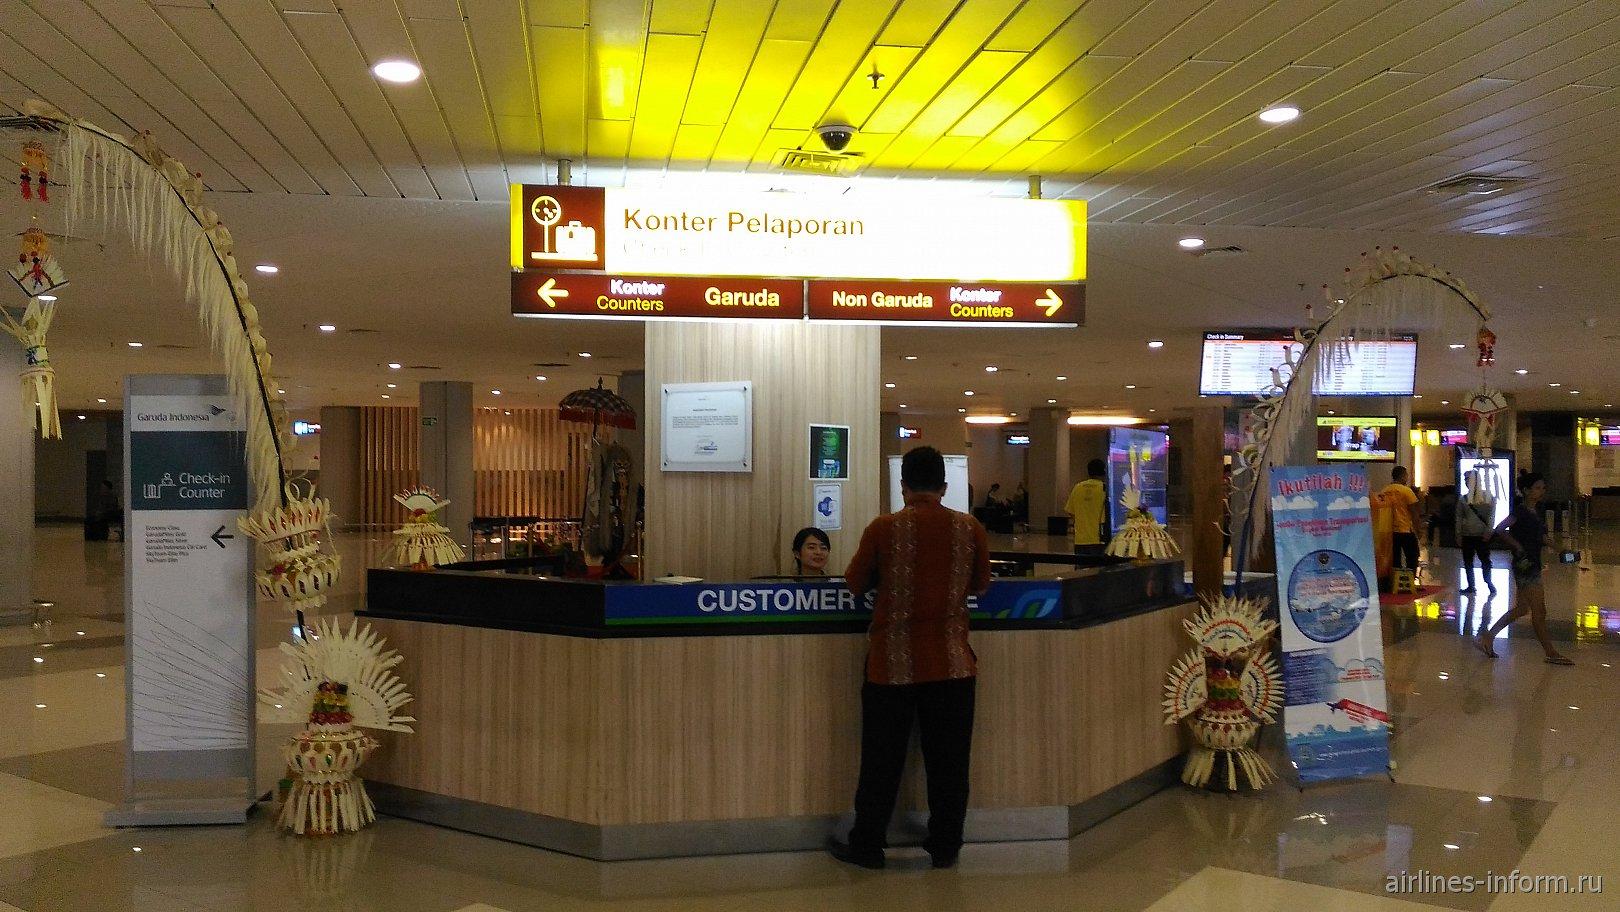 Стойка информации в терминале внутренних линий аэропорта Денпасар Нгура Рай